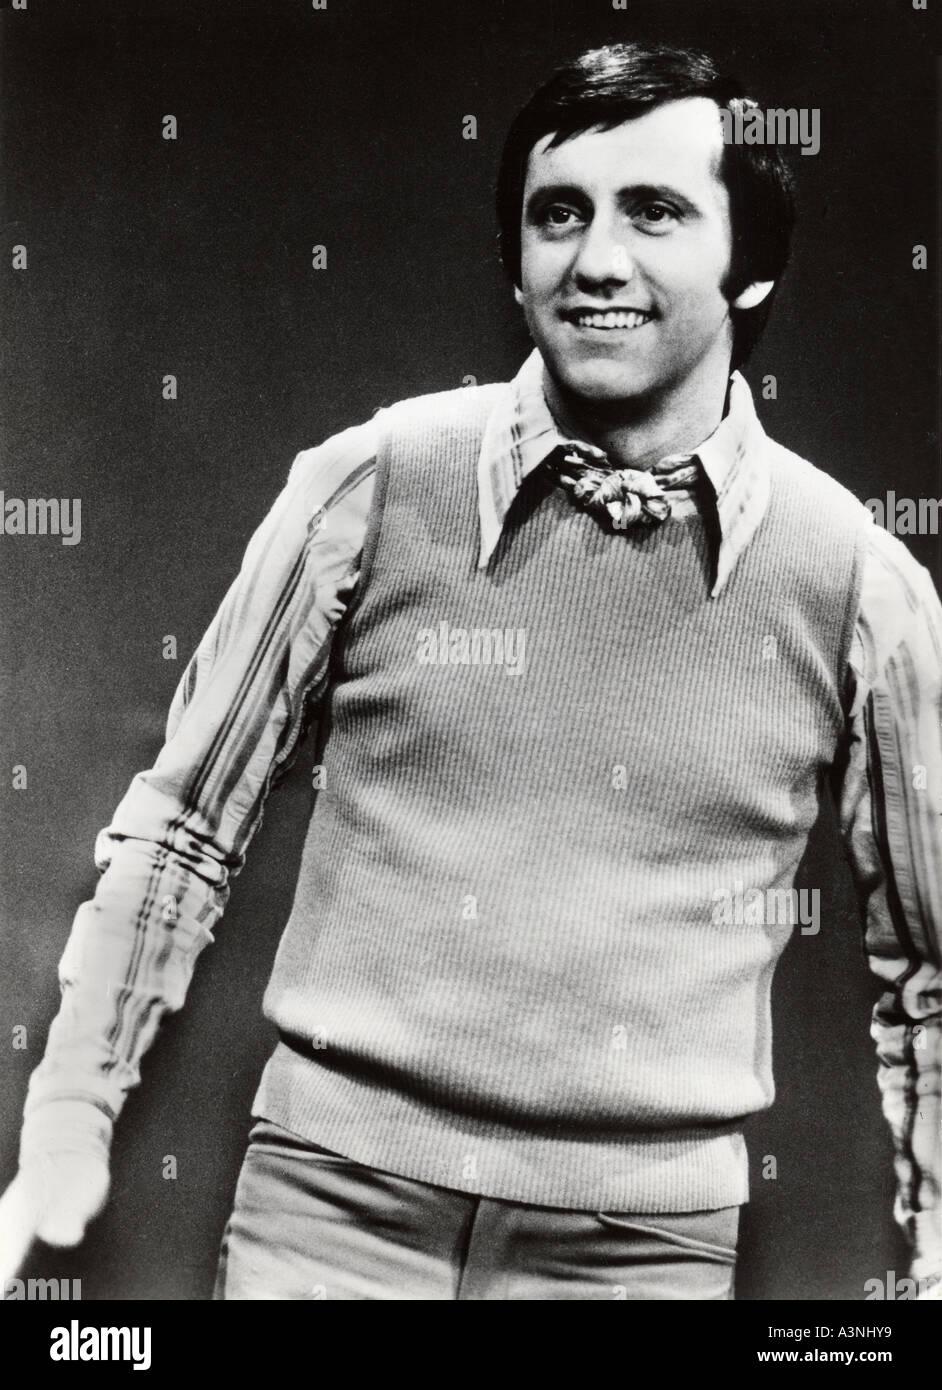 RAY STEVENS  US singer - Stock Image